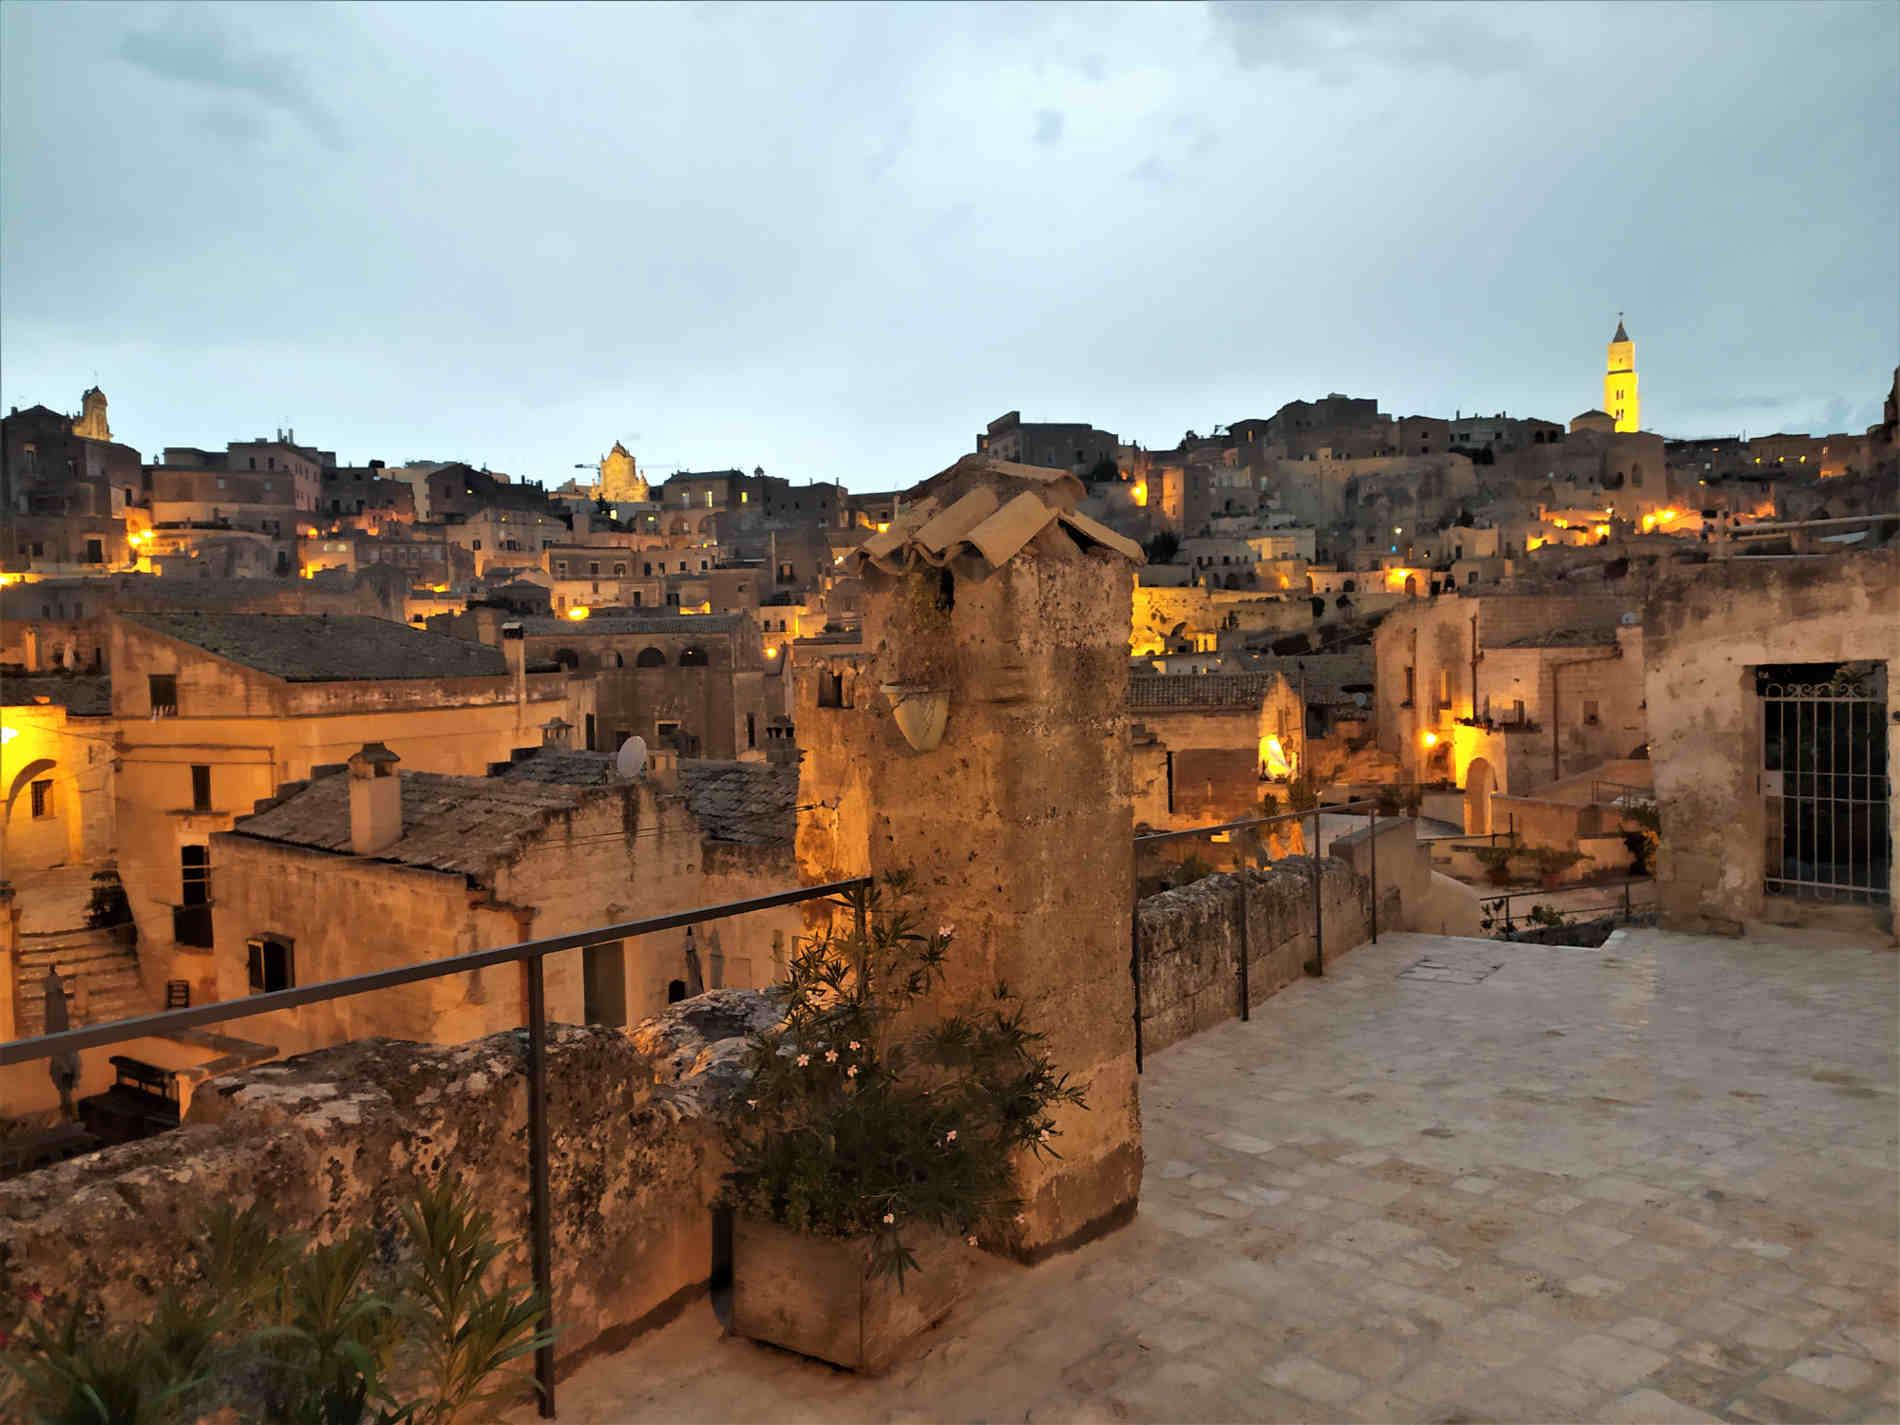 Panorama al tramonto sul Sasso Caveoso a Matera città dei sassi e delle acque guida ai misteri